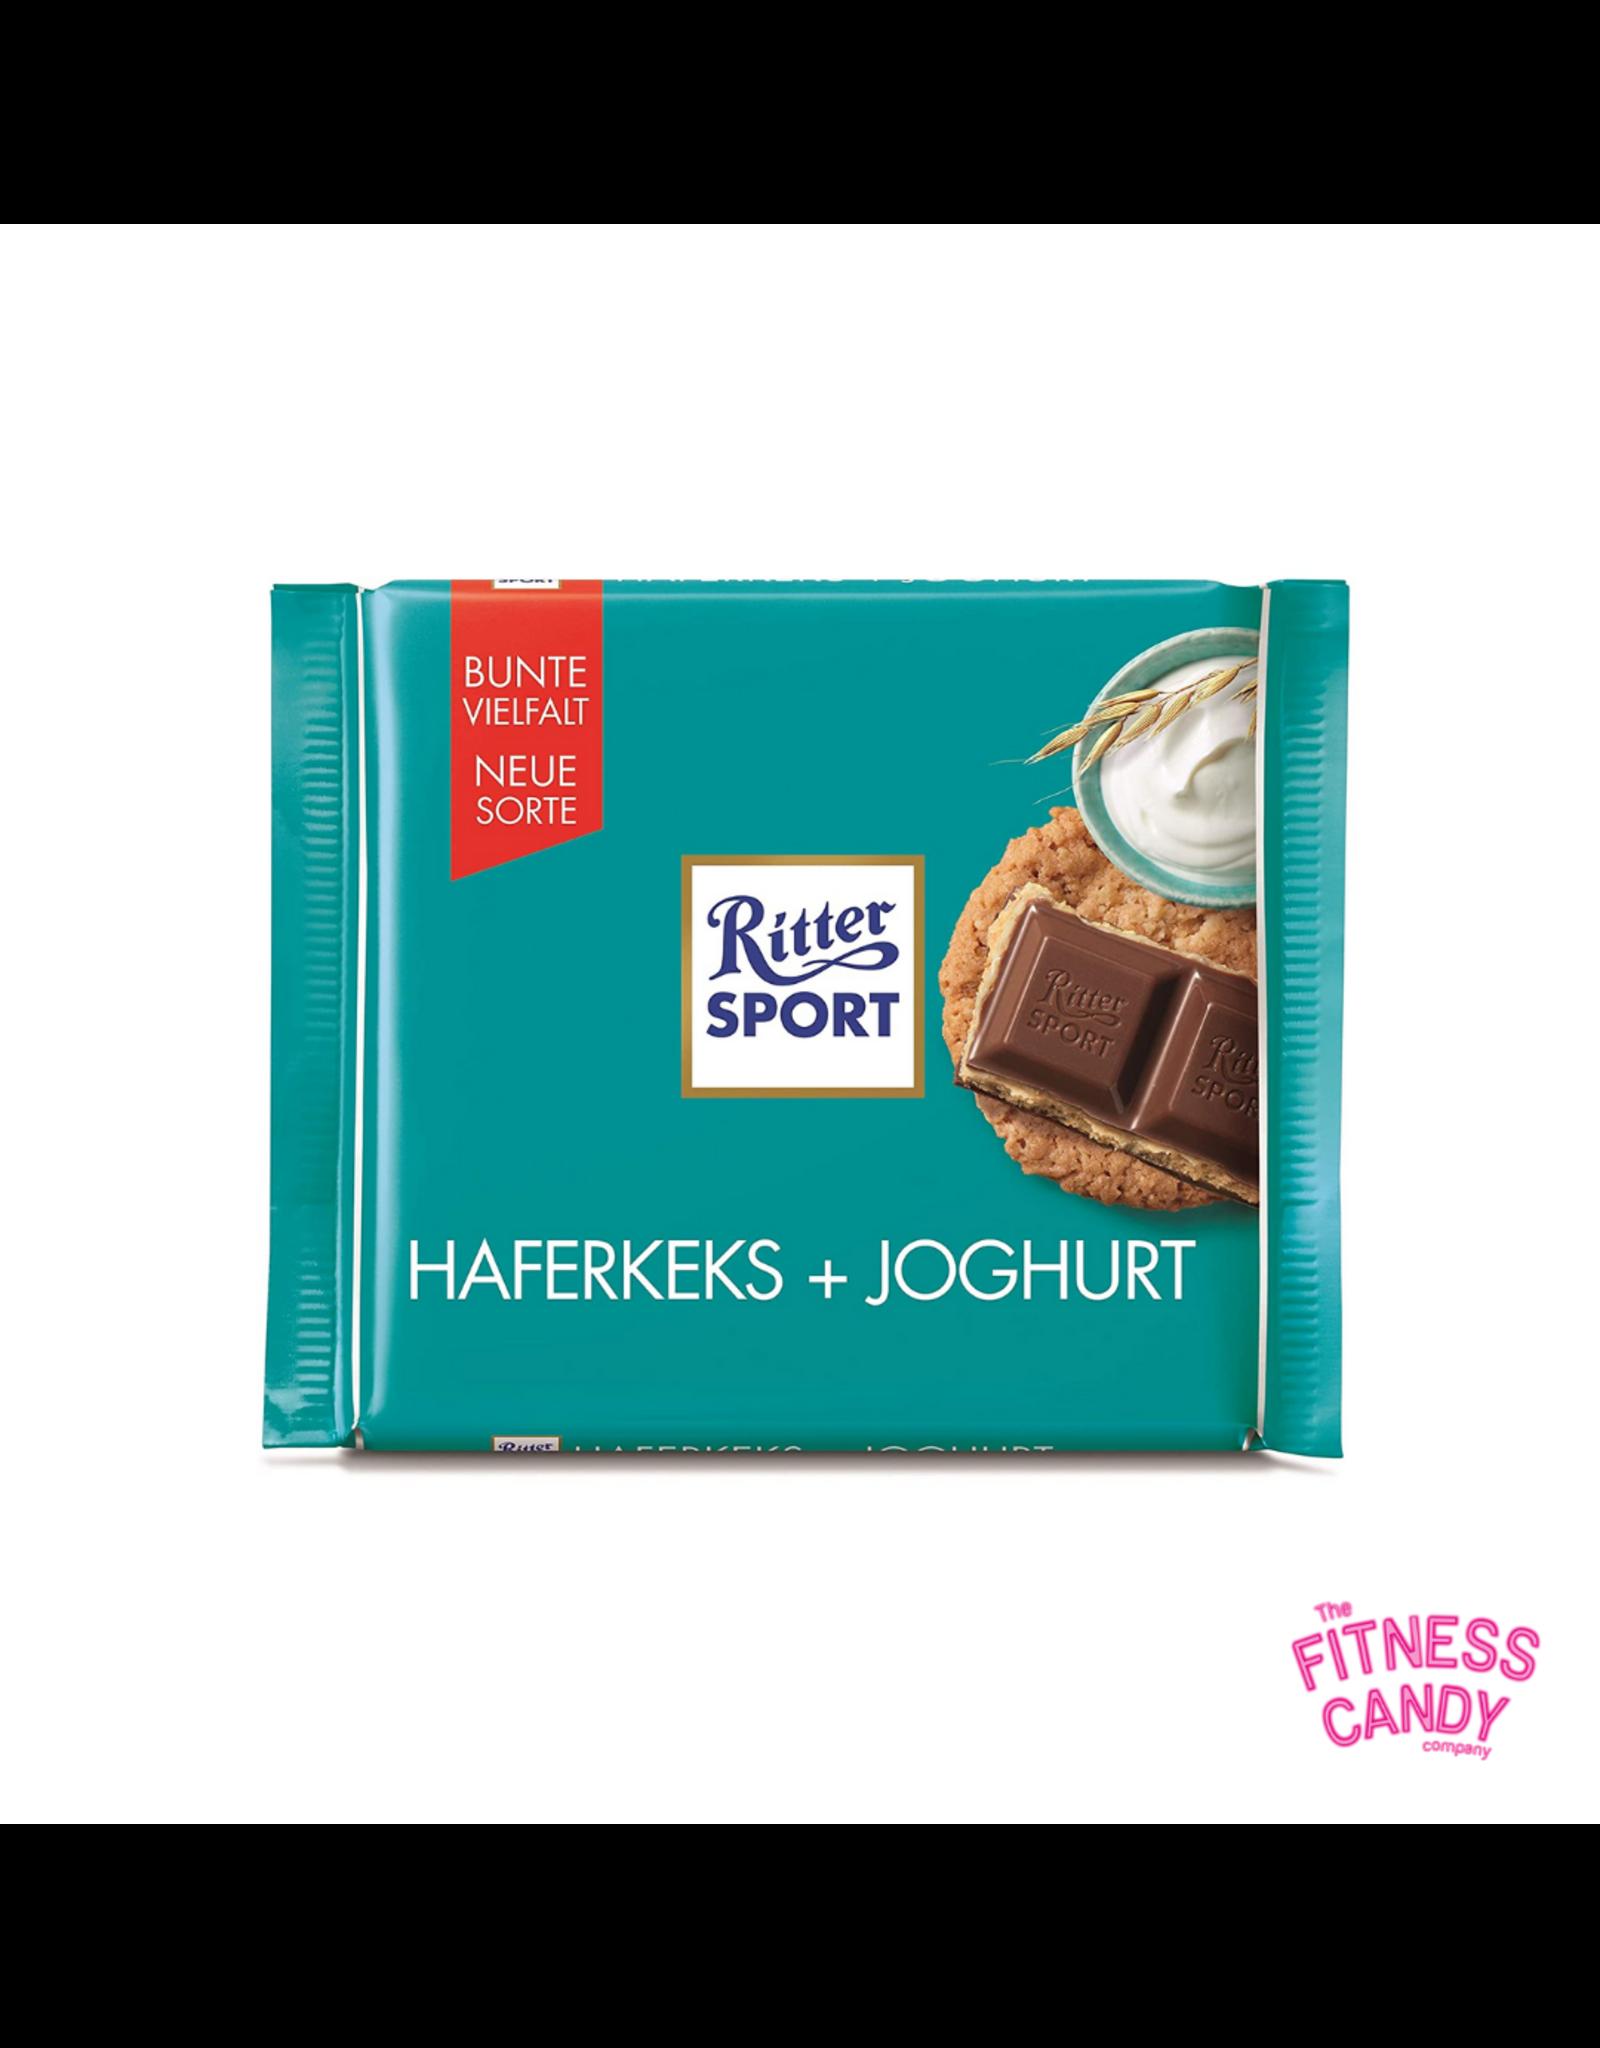 Ritter Sport RITTER SPORT HAFERKEKS + JOGHURT